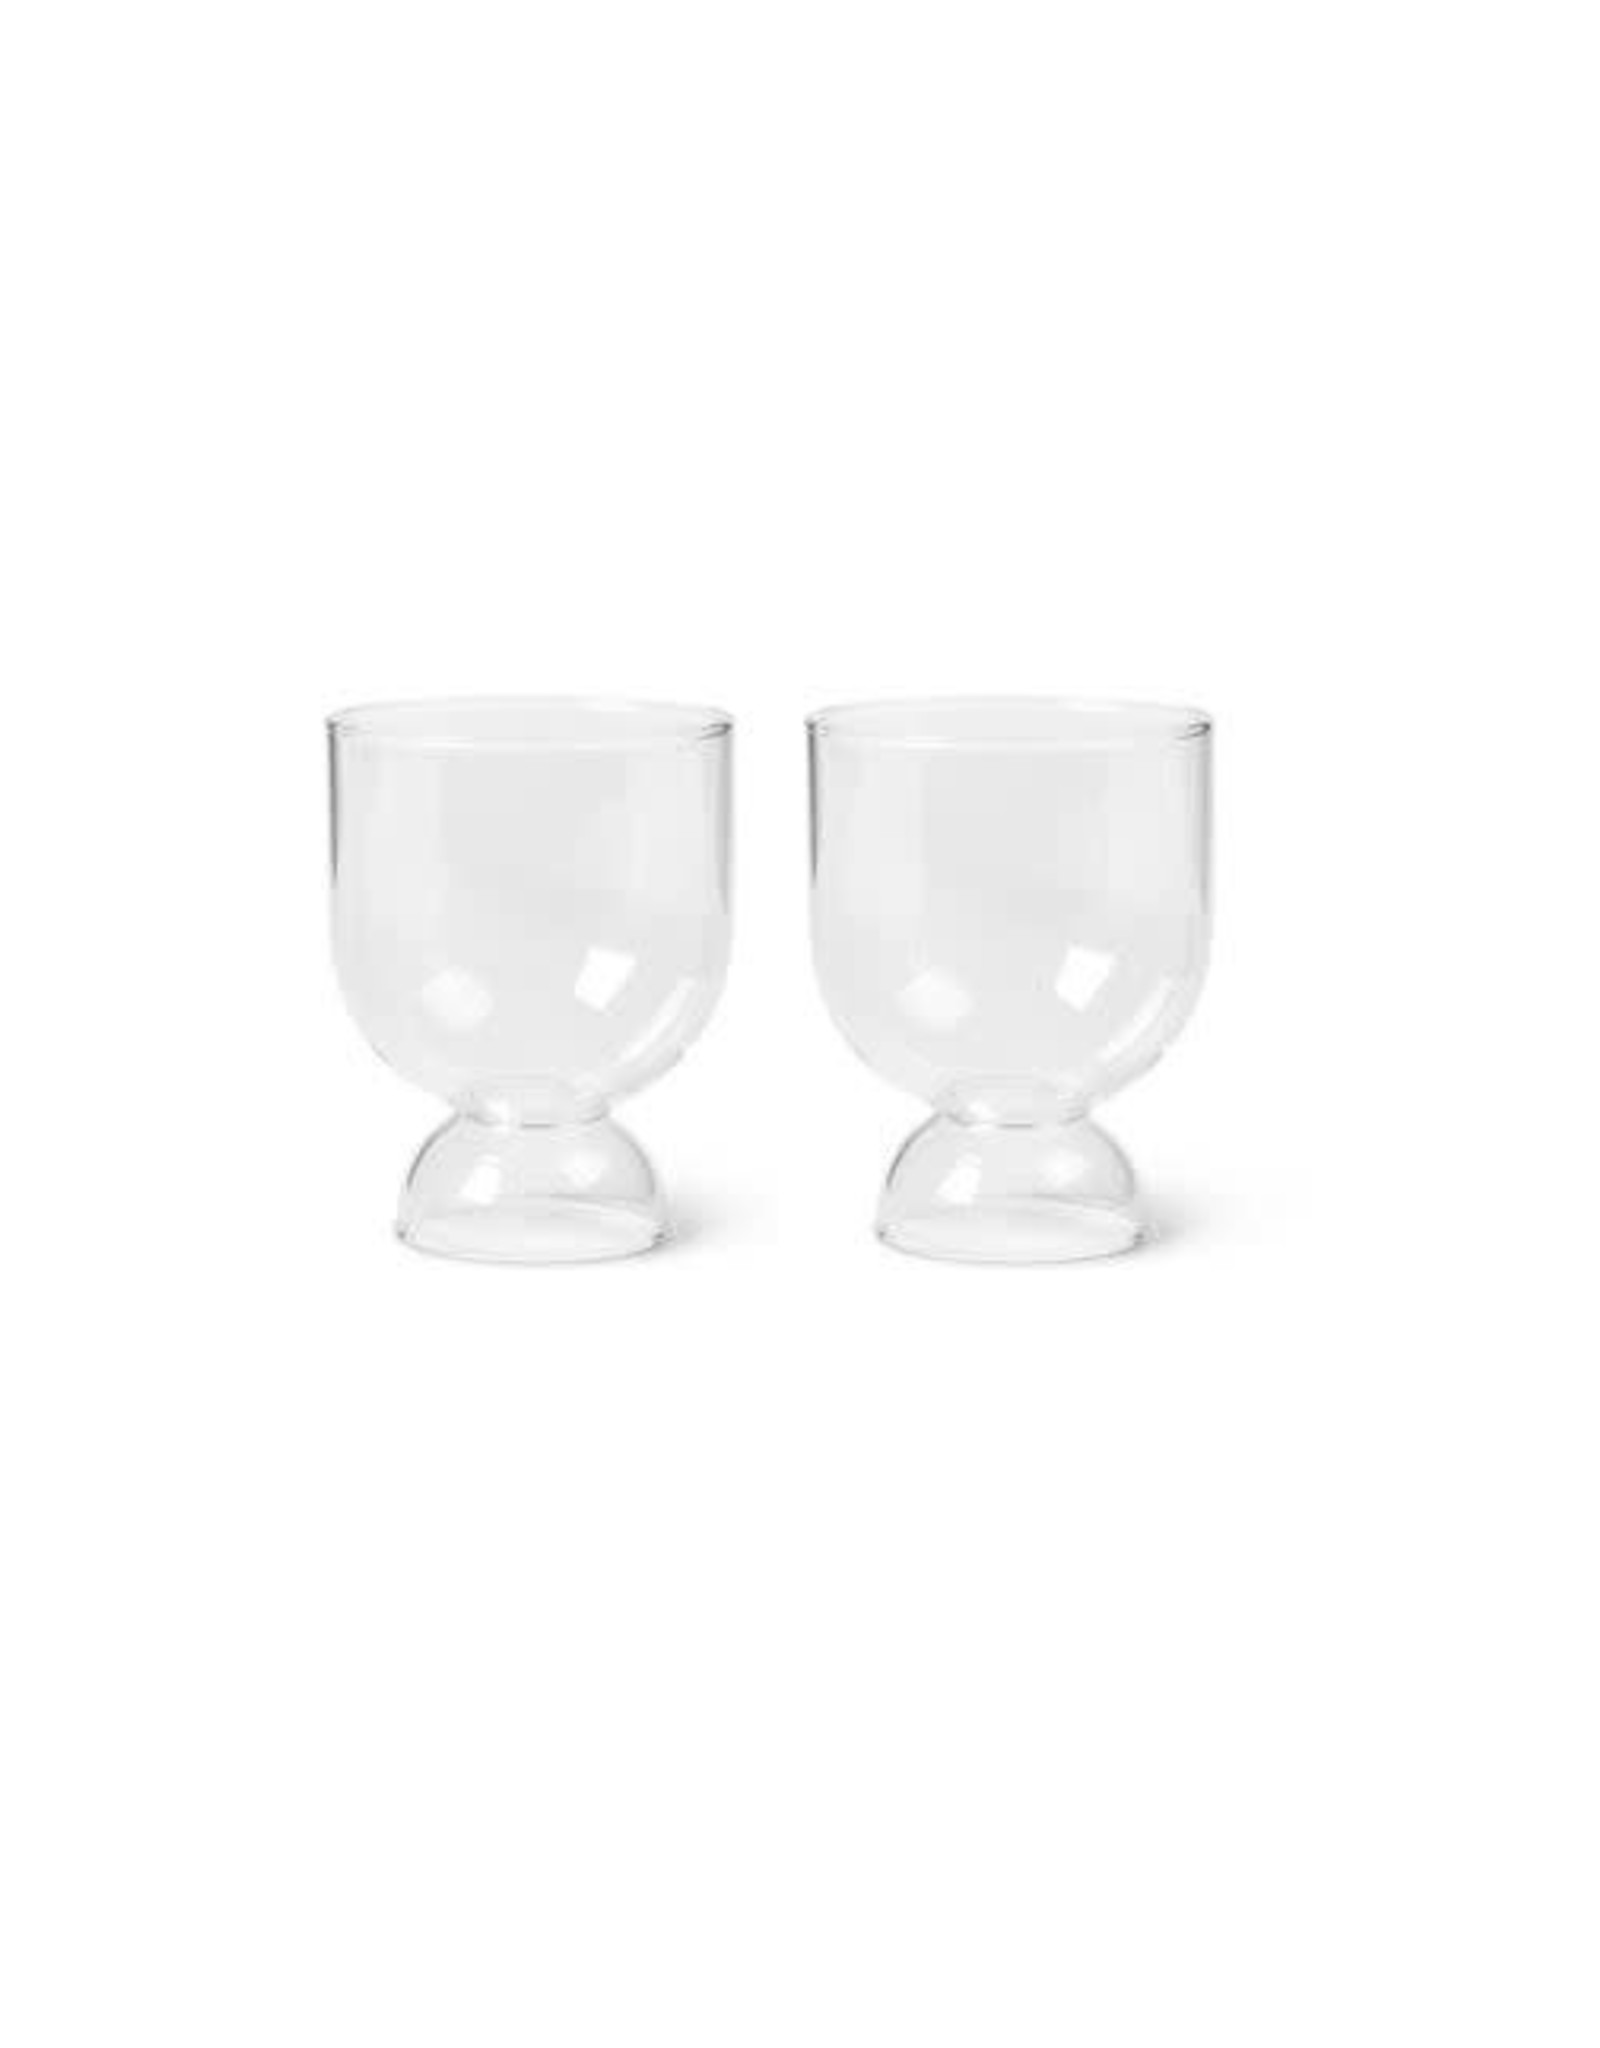 Ferm Living Still Glasses - Set of 2